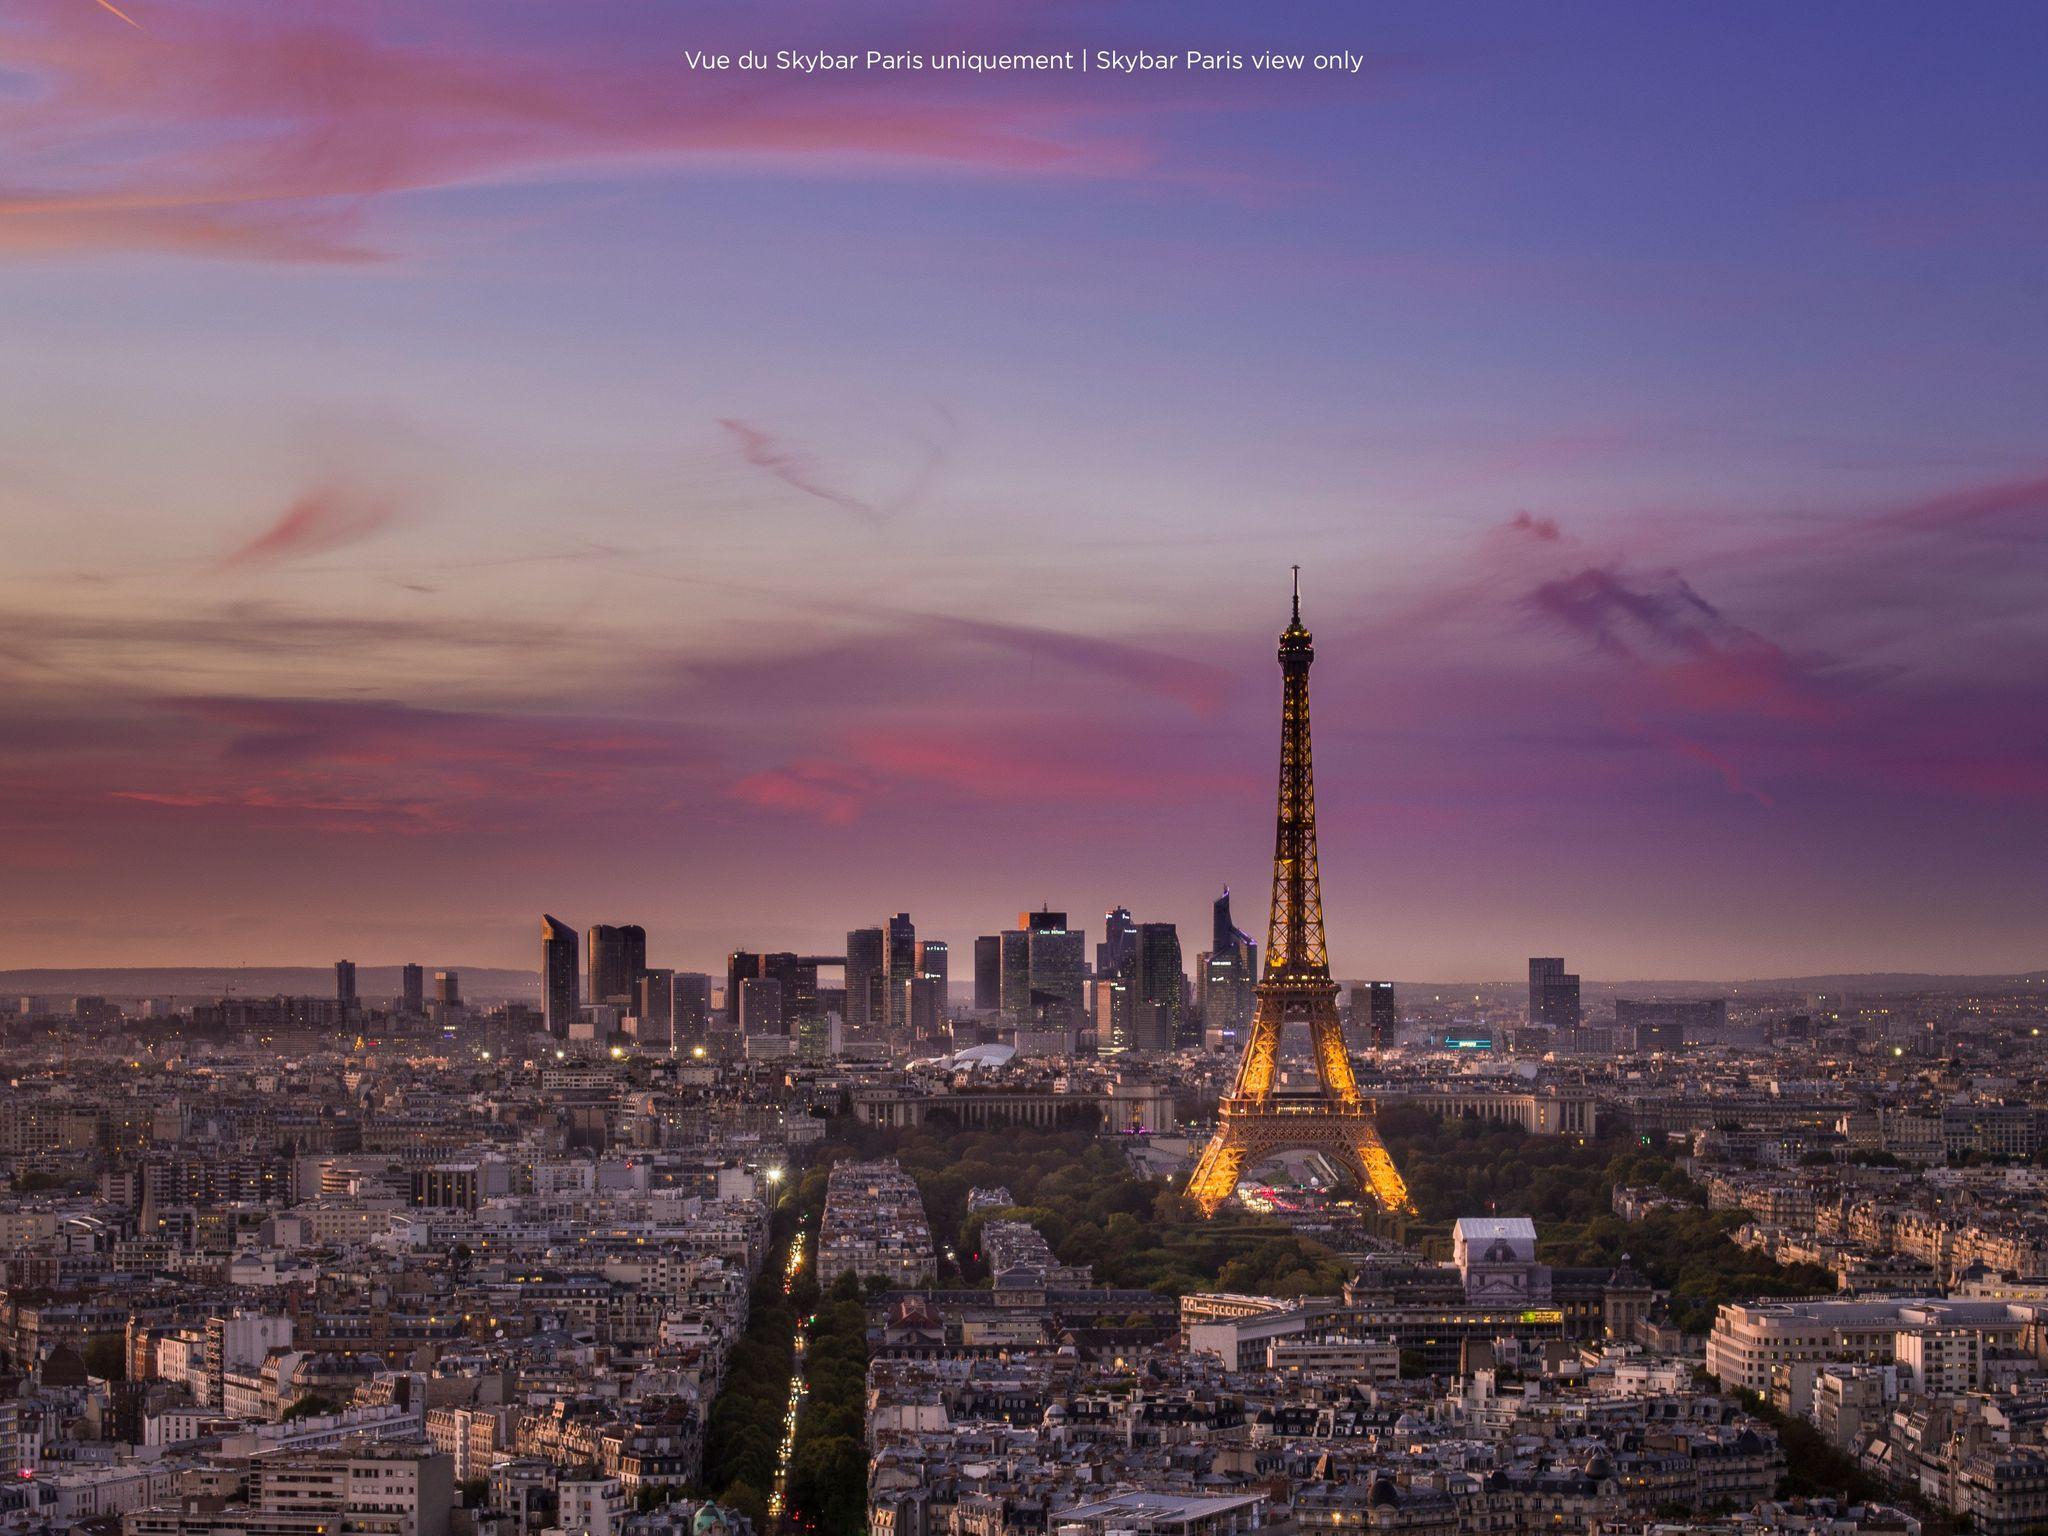 Hotel – Pullman Paris Montparnasse - tot eind augustus 2019 gesloten